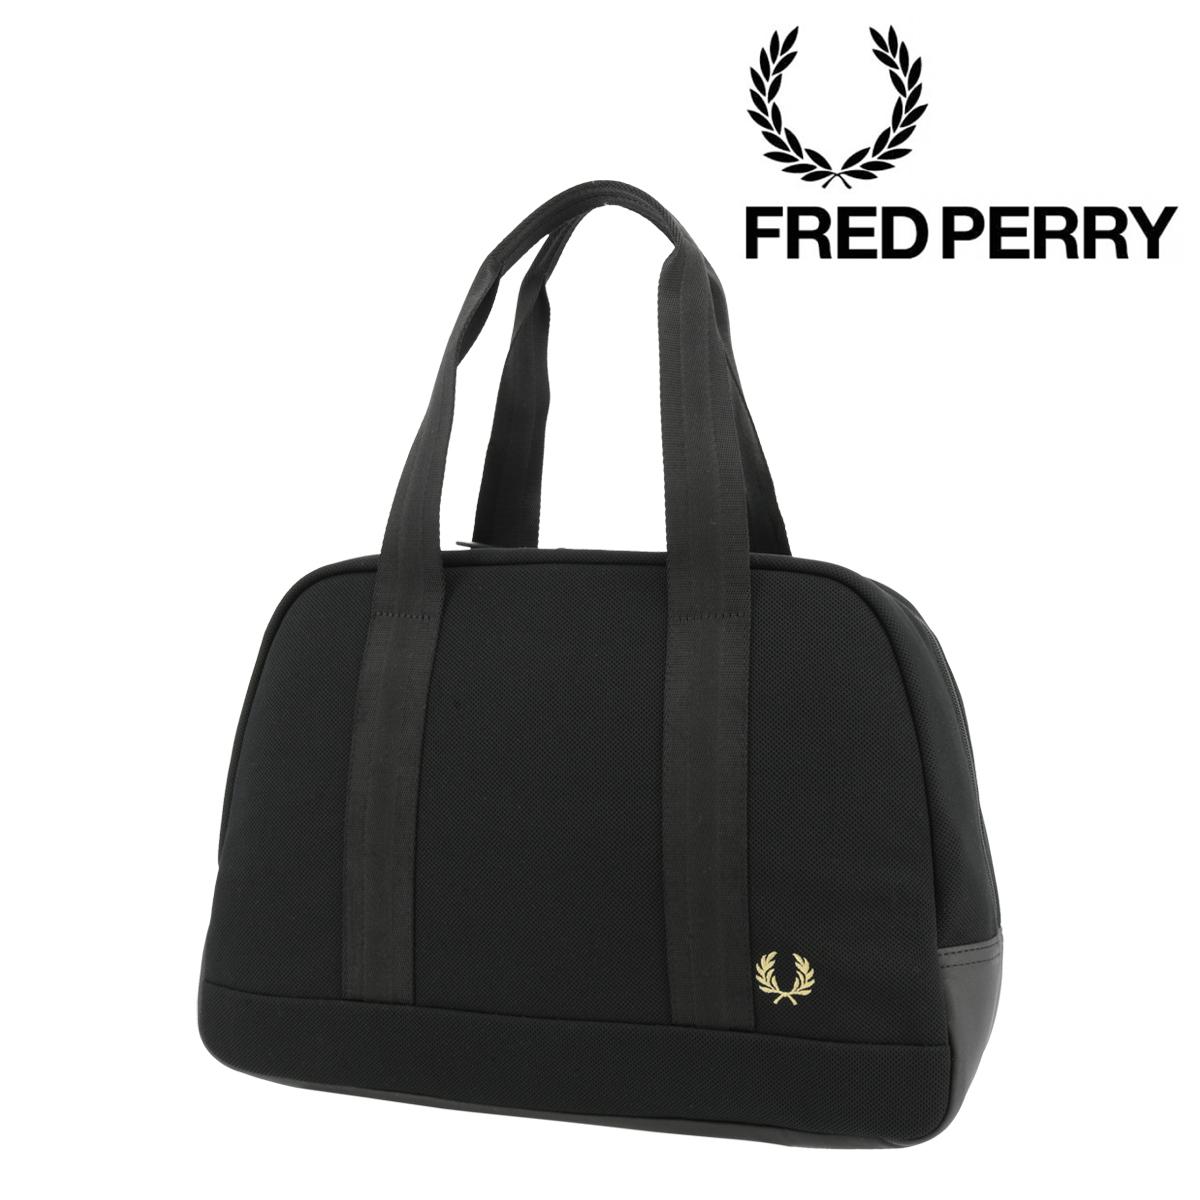 フレッドペリー ボストンバッグ A4 ピケグリップバッグ メンズ レディース F9588 FRED PERRY | ハンドバッグ[PO10][即日発送]